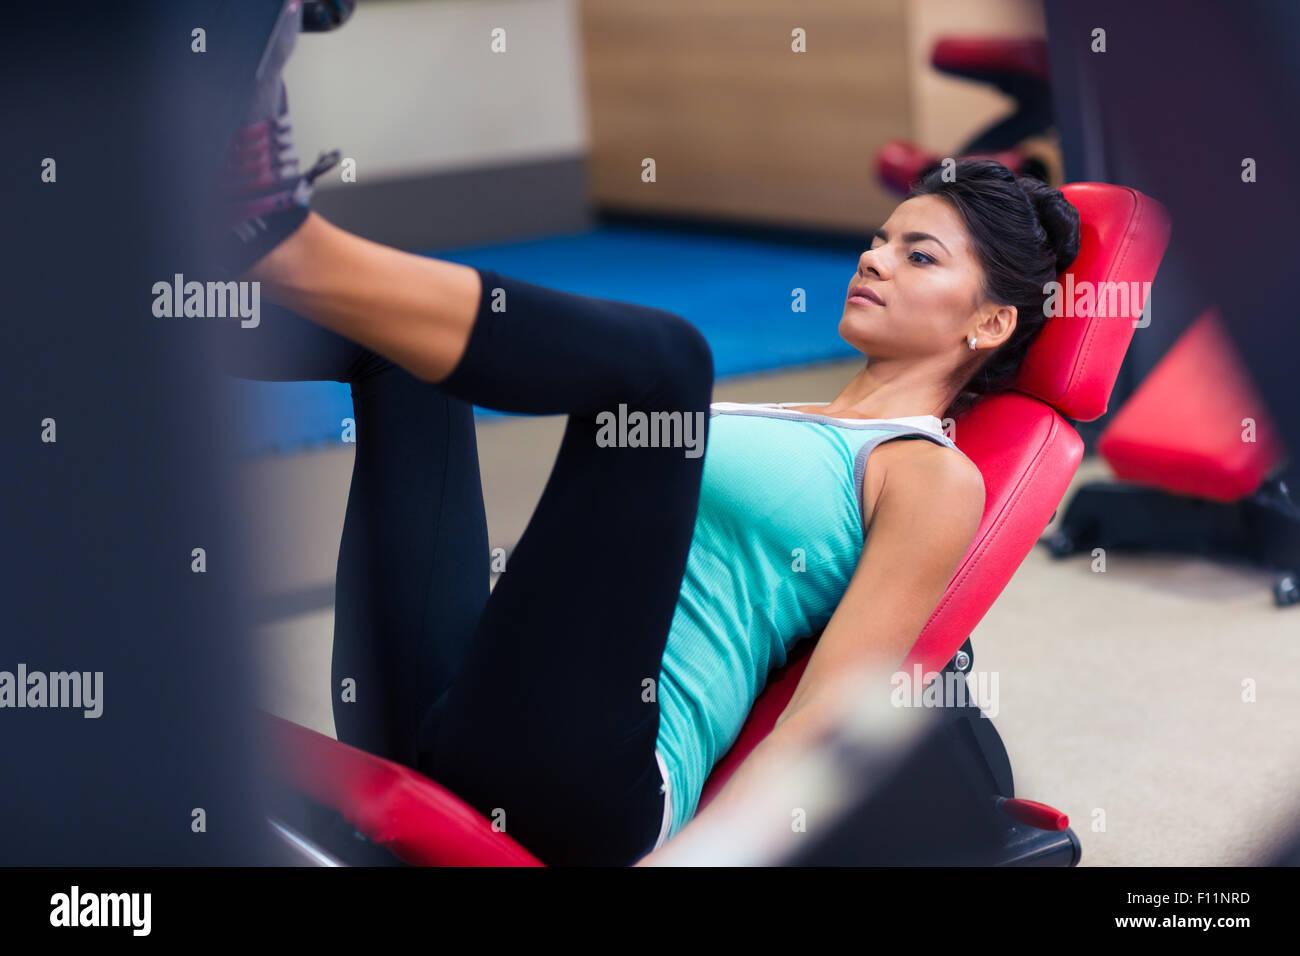 Ritratto di una donna sportiva allenamento sulla macchina di esercizi in palestra per il fitness Immagini Stock